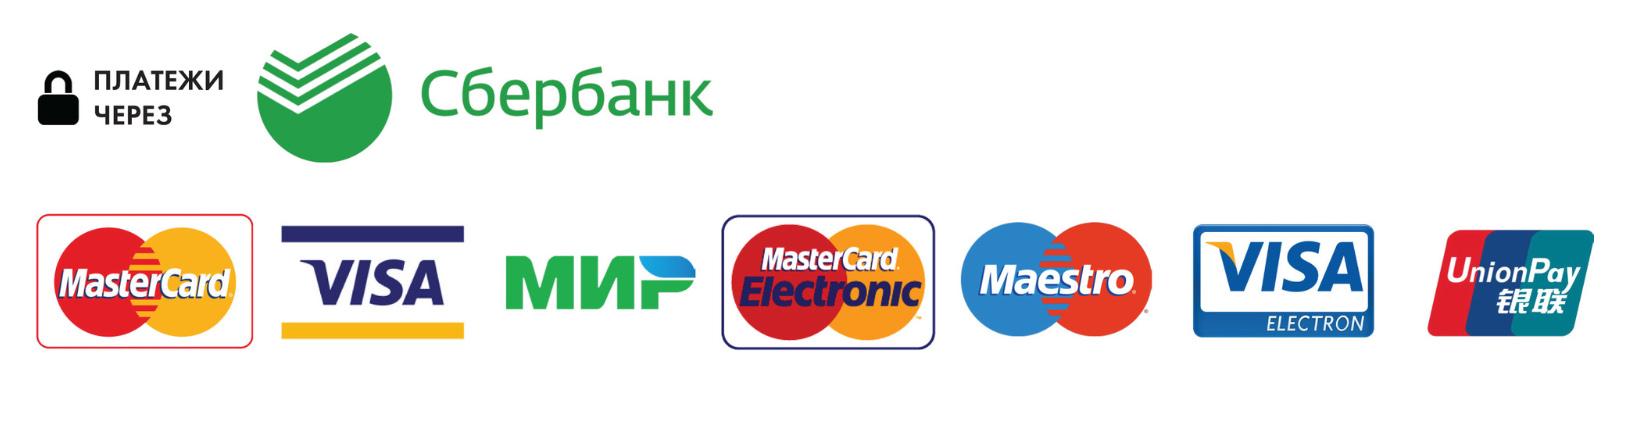 Различные платежные системы: Мир, Visa, MasterCard, Совесть, Qiwi, Мегафон, МТС, Билайн, Теле2